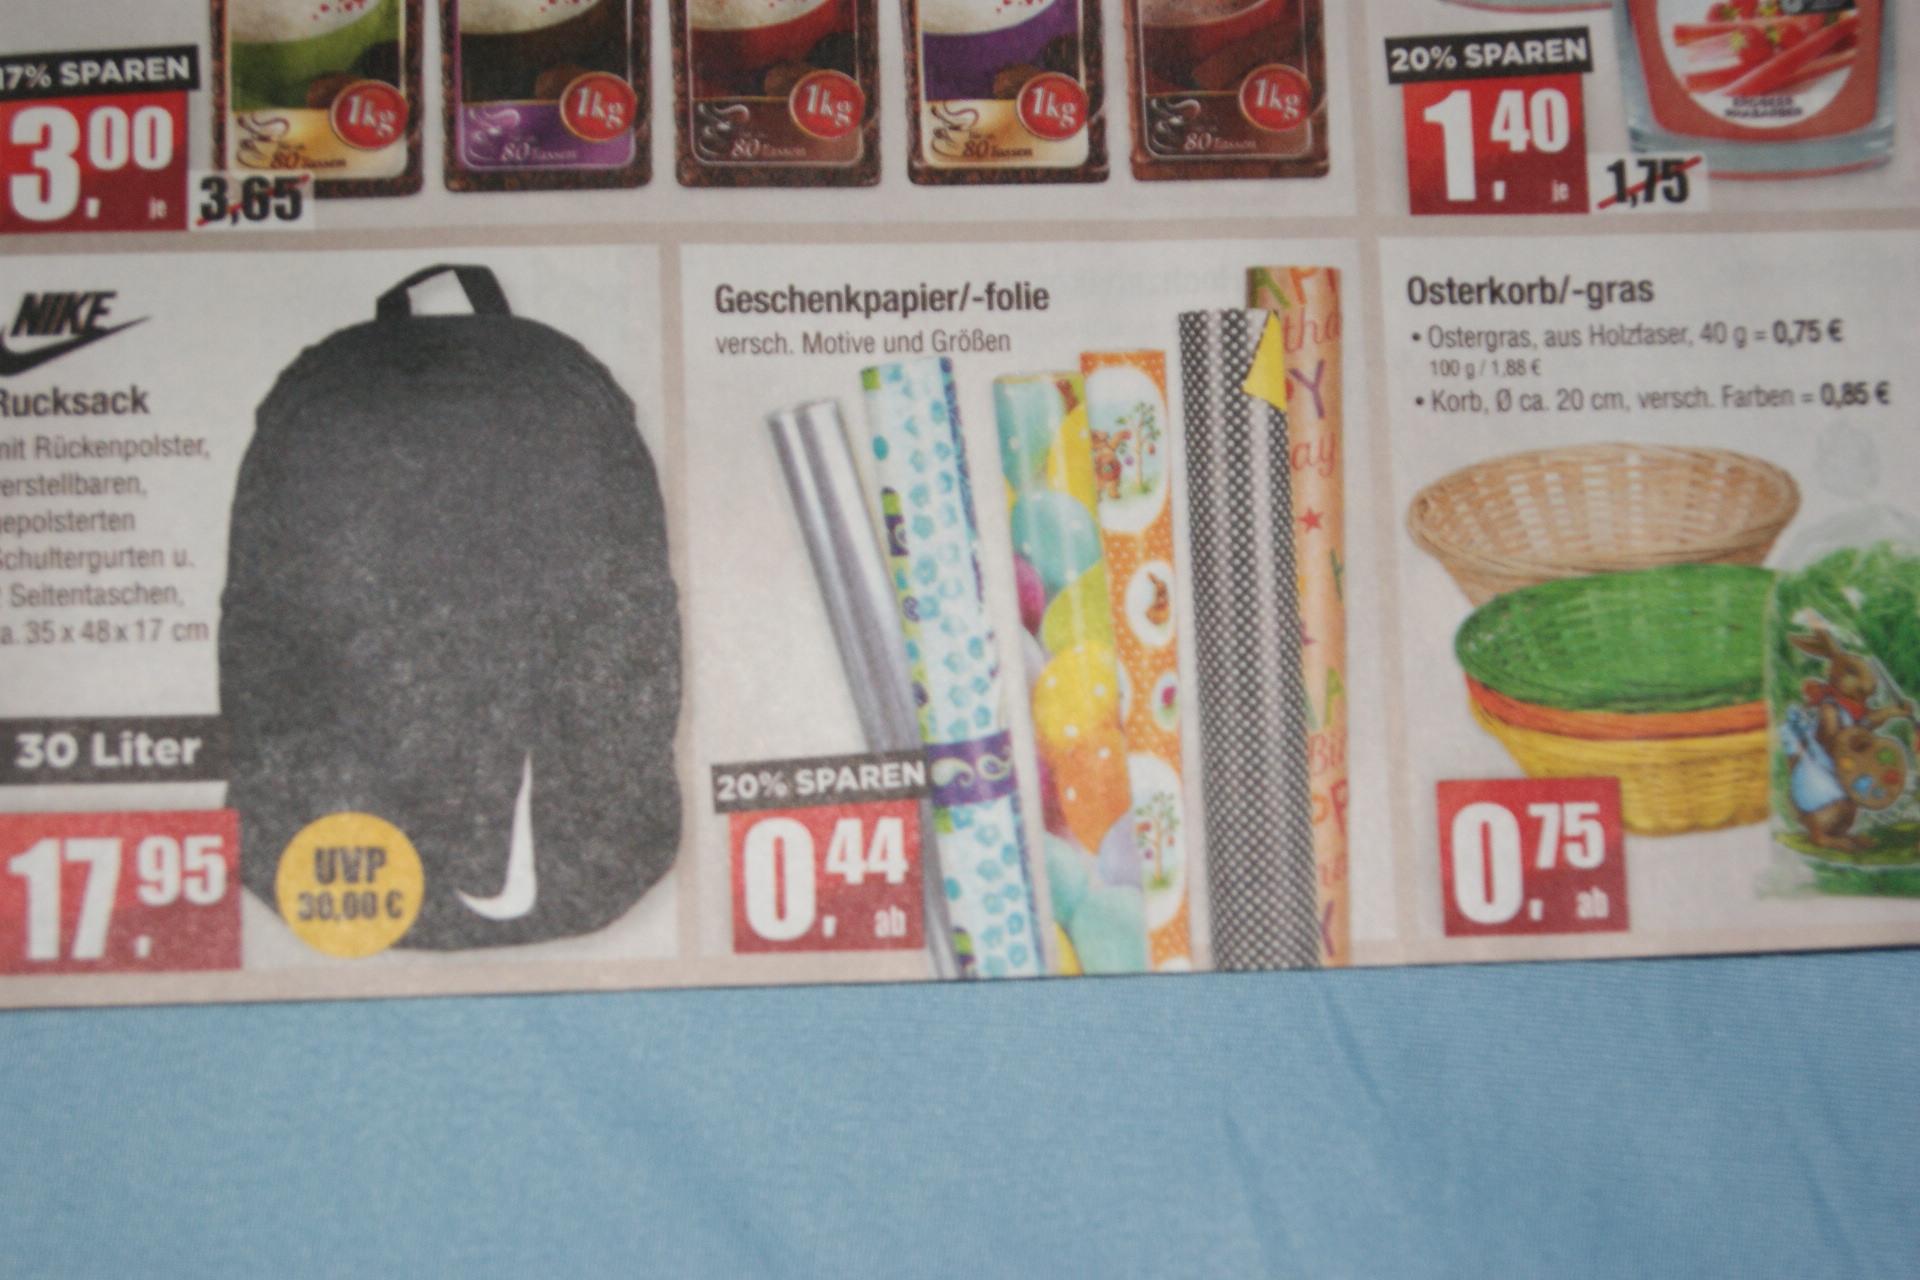 Geschenkpapier/-folie je Rolle nur 44 Cent bei Mäc-Geiz bundesweit ab 15.4.